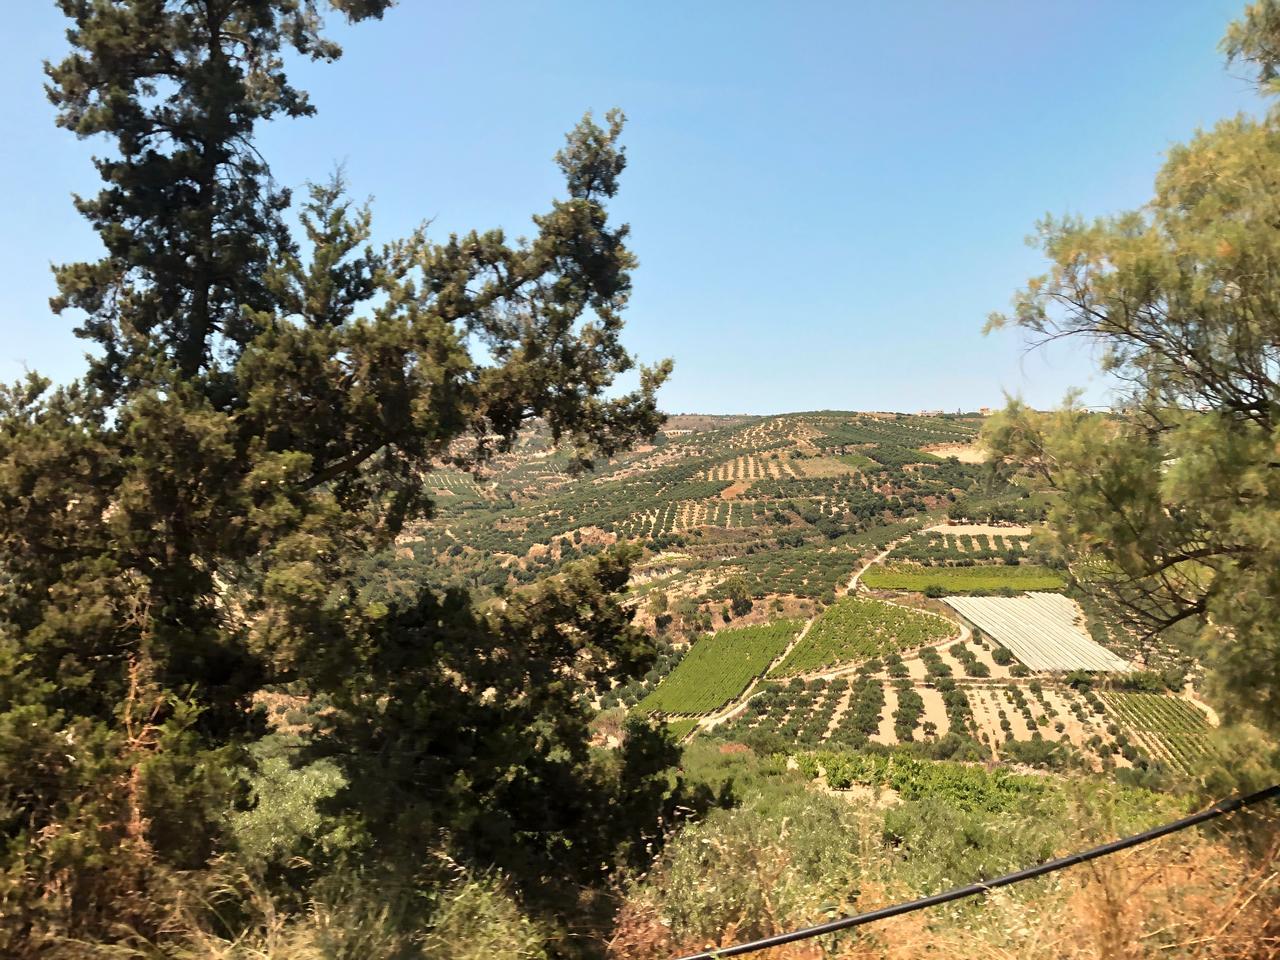 Das Kloster bietet einen tollen Ausblick auf die umliegenden Weinberge.